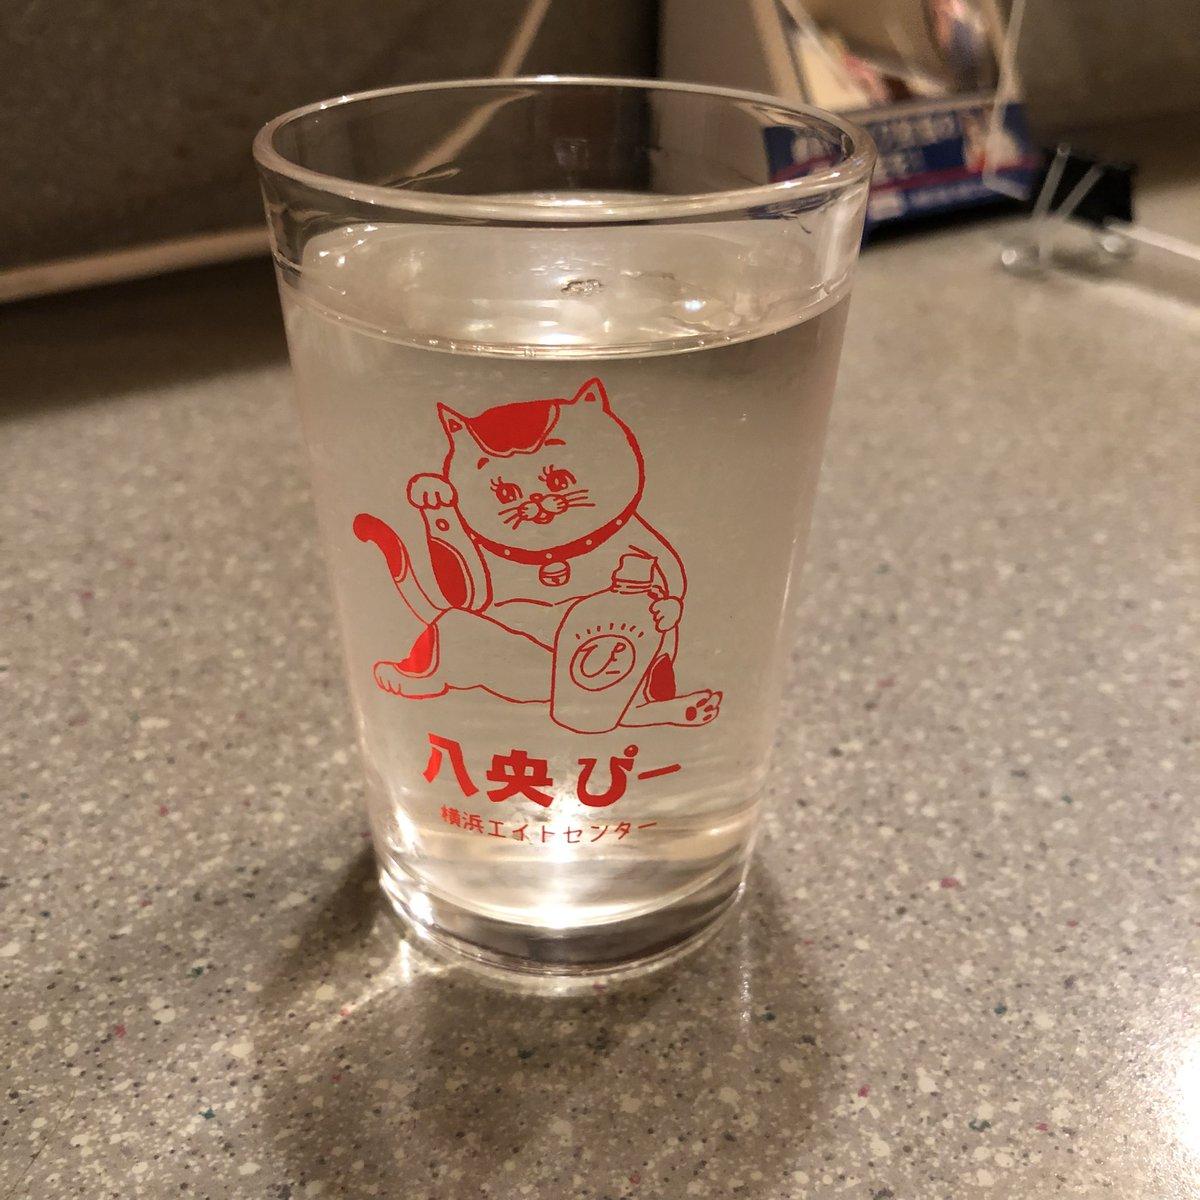 test ツイッターメディア - こちらも久しぶり。八央ピーで日本酒を2杯、ベーコンエッグ、小庄鯛、チーカマ。久須美酒造の酒も良かったが幻舞の美山錦も相当うまかった。 https://t.co/7dunoQDXaG